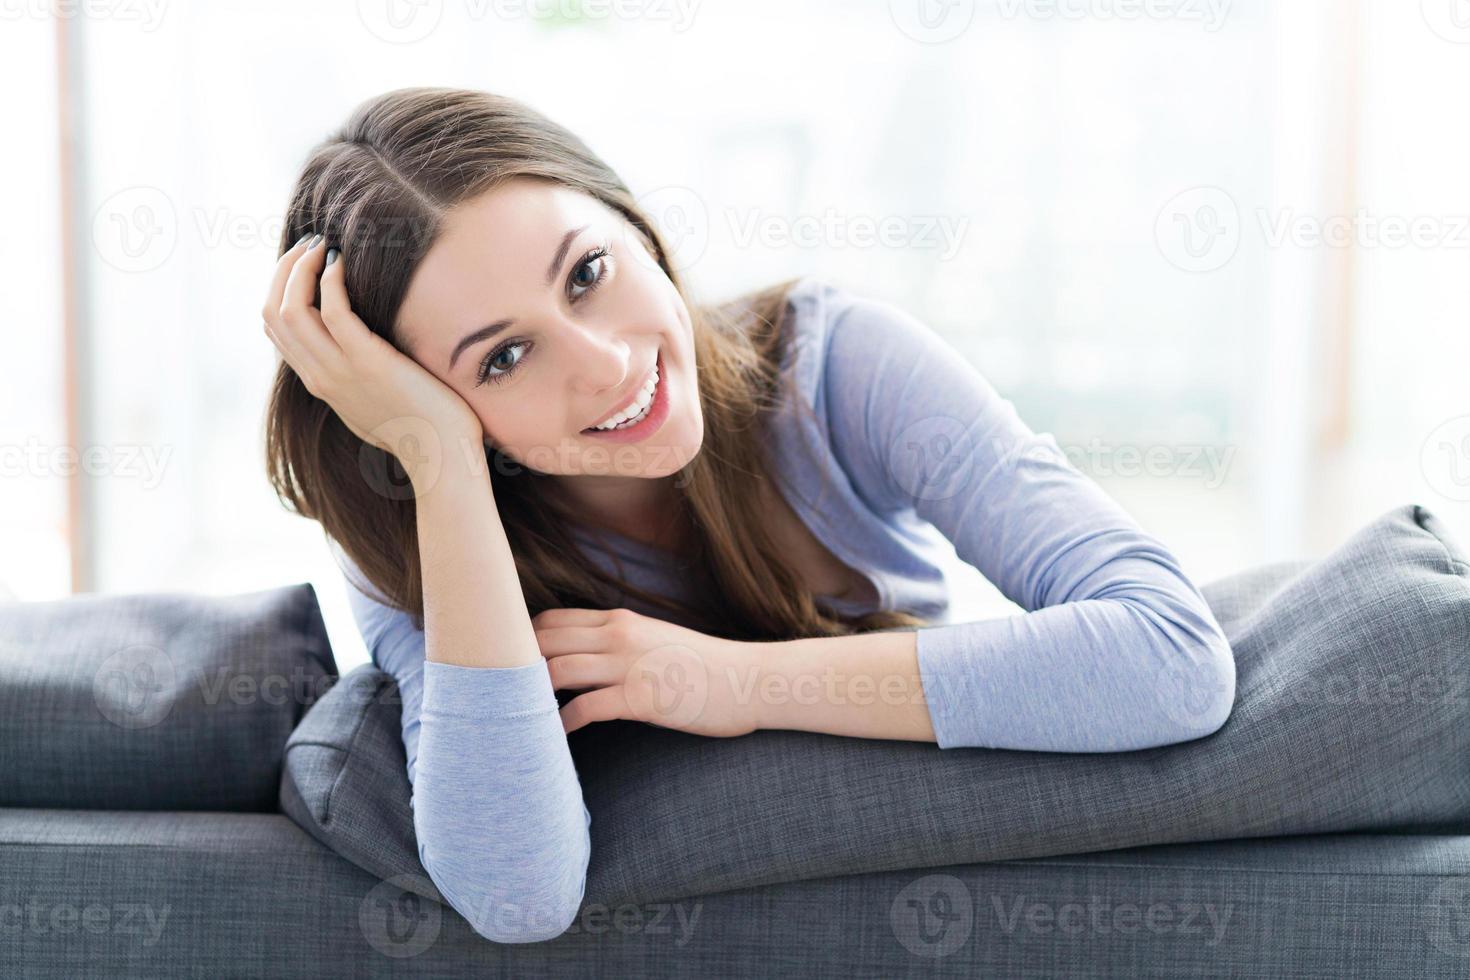 donna seduta sul divano foto